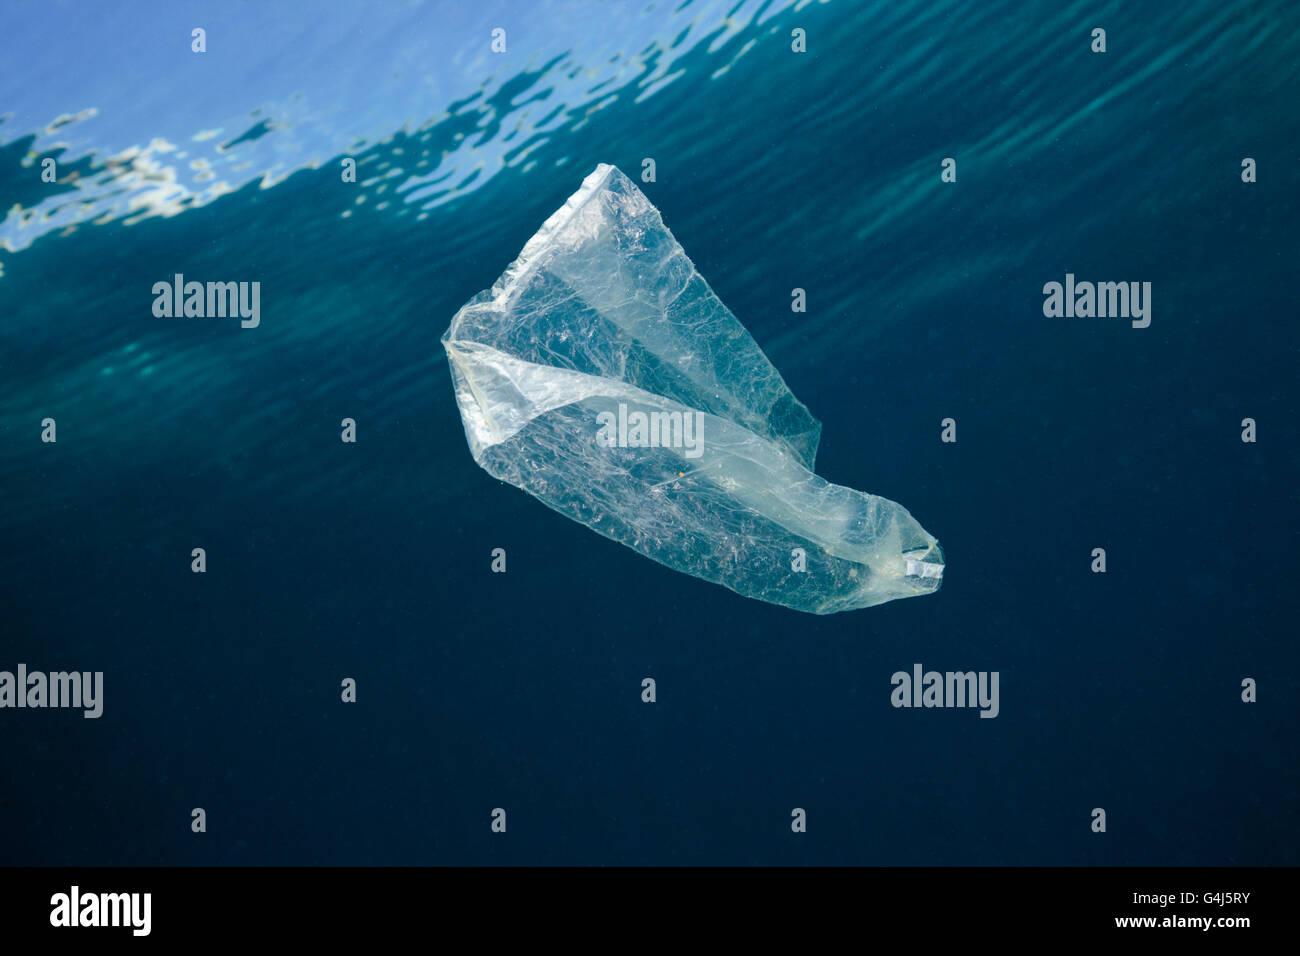 Plastic Bag adrift in Ocean, Indo Pacific, Indonesia Stock Photo